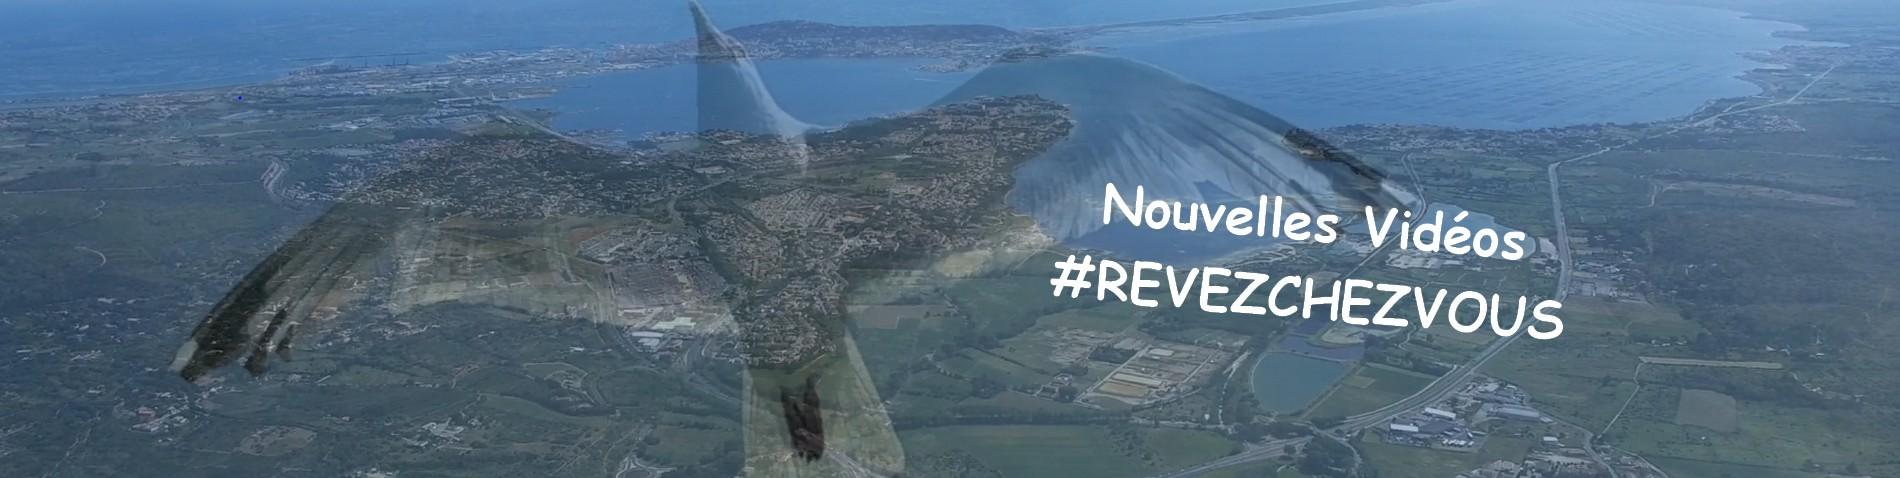 videos-revez-chez-vous-balaruc-tourisme-1106